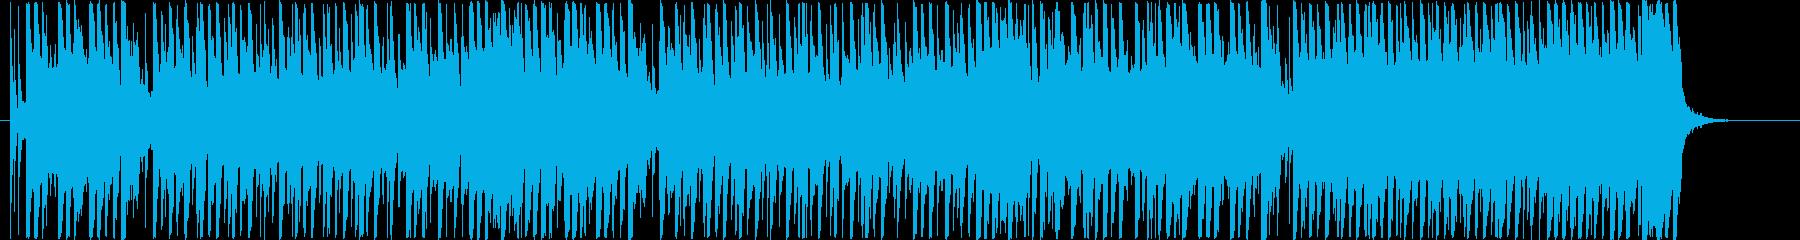 ポップな童謡「かたつむり」の再生済みの波形